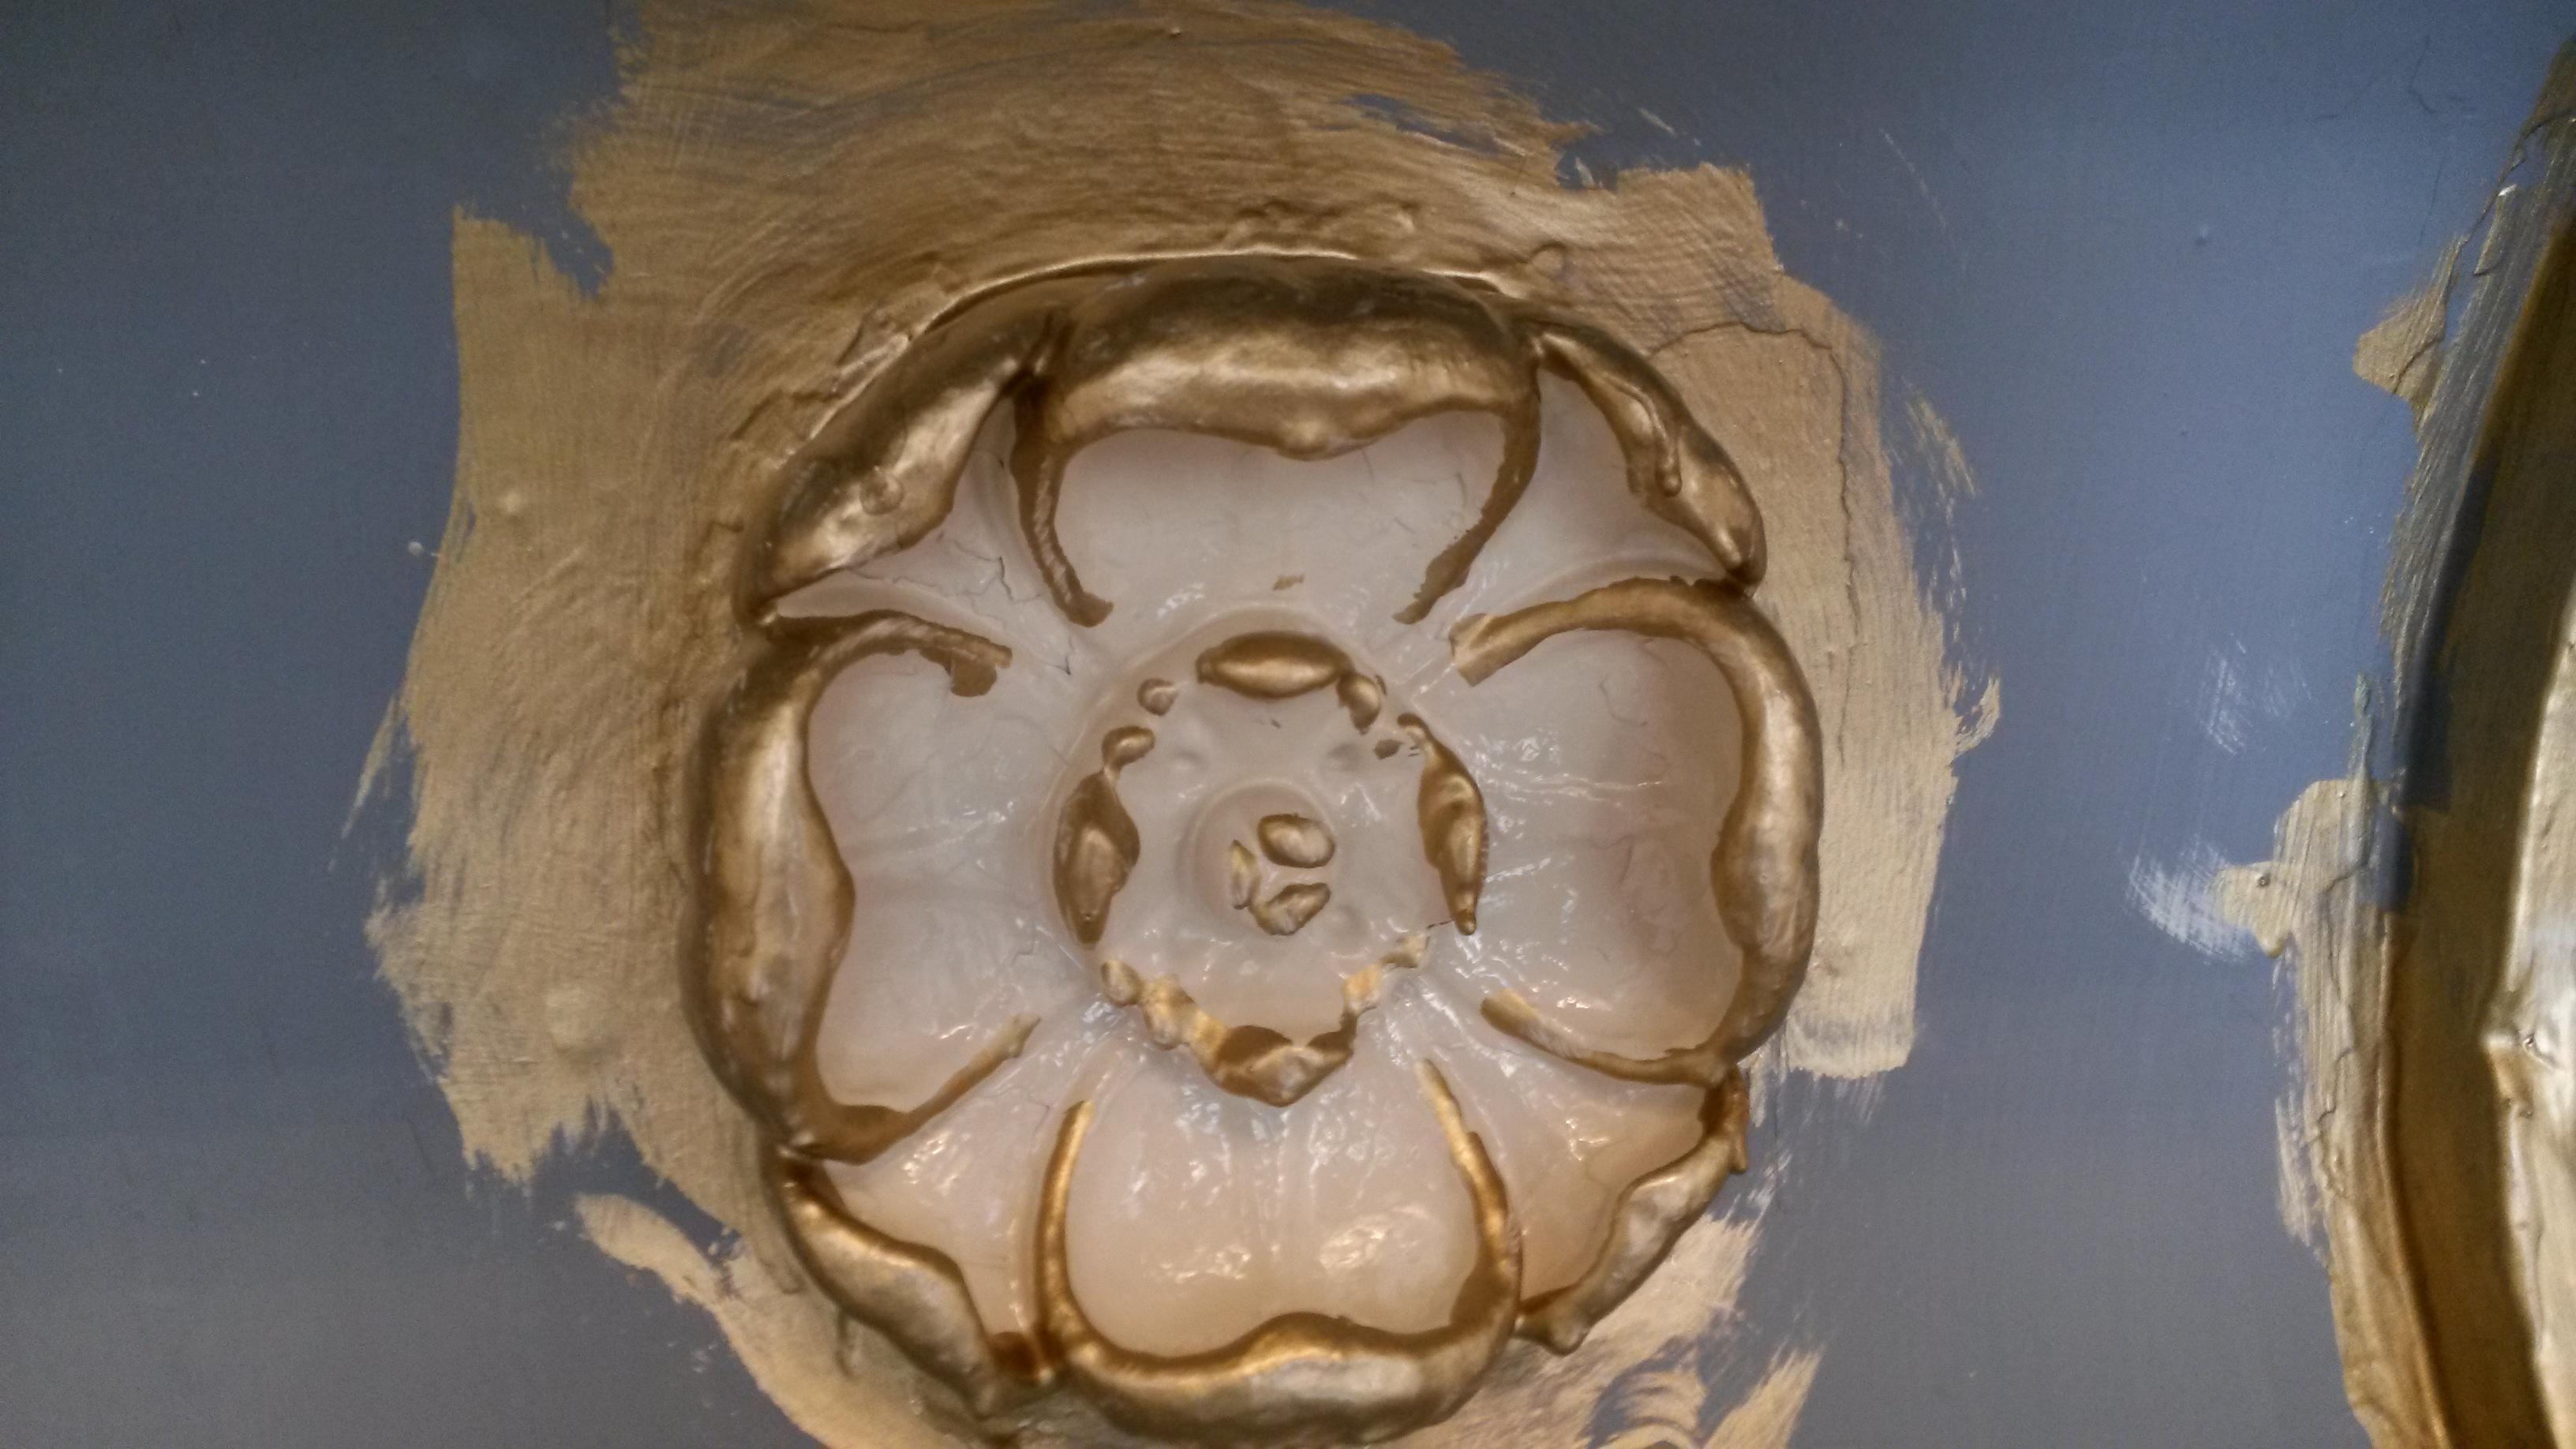 Historical decretive gold leaf restoration